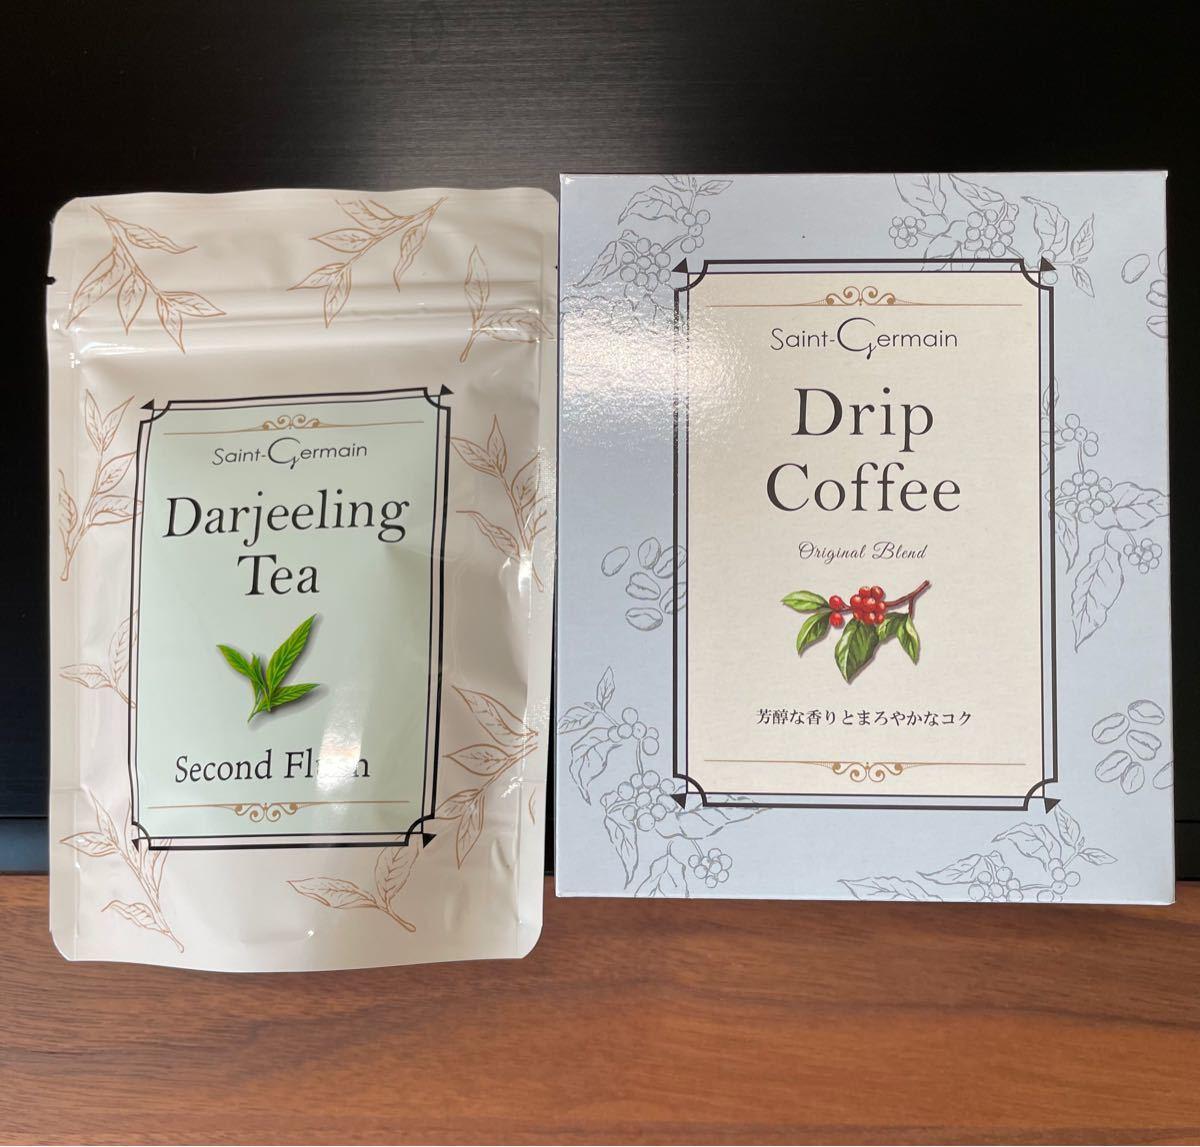 紅茶/コーヒーのセット☆安心の国内製造 計15袋♪